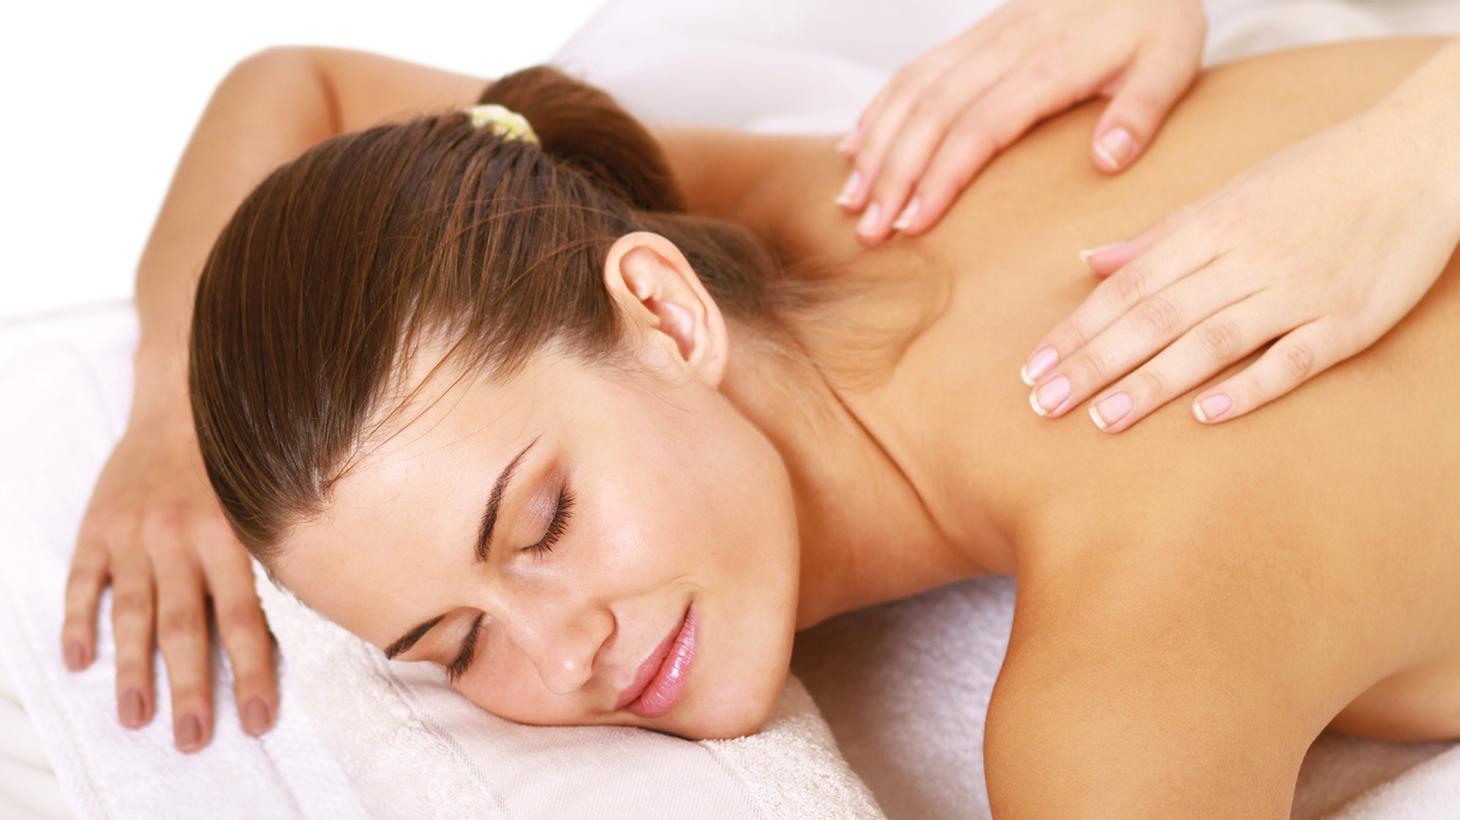 Woman having a relaxing upper body massage